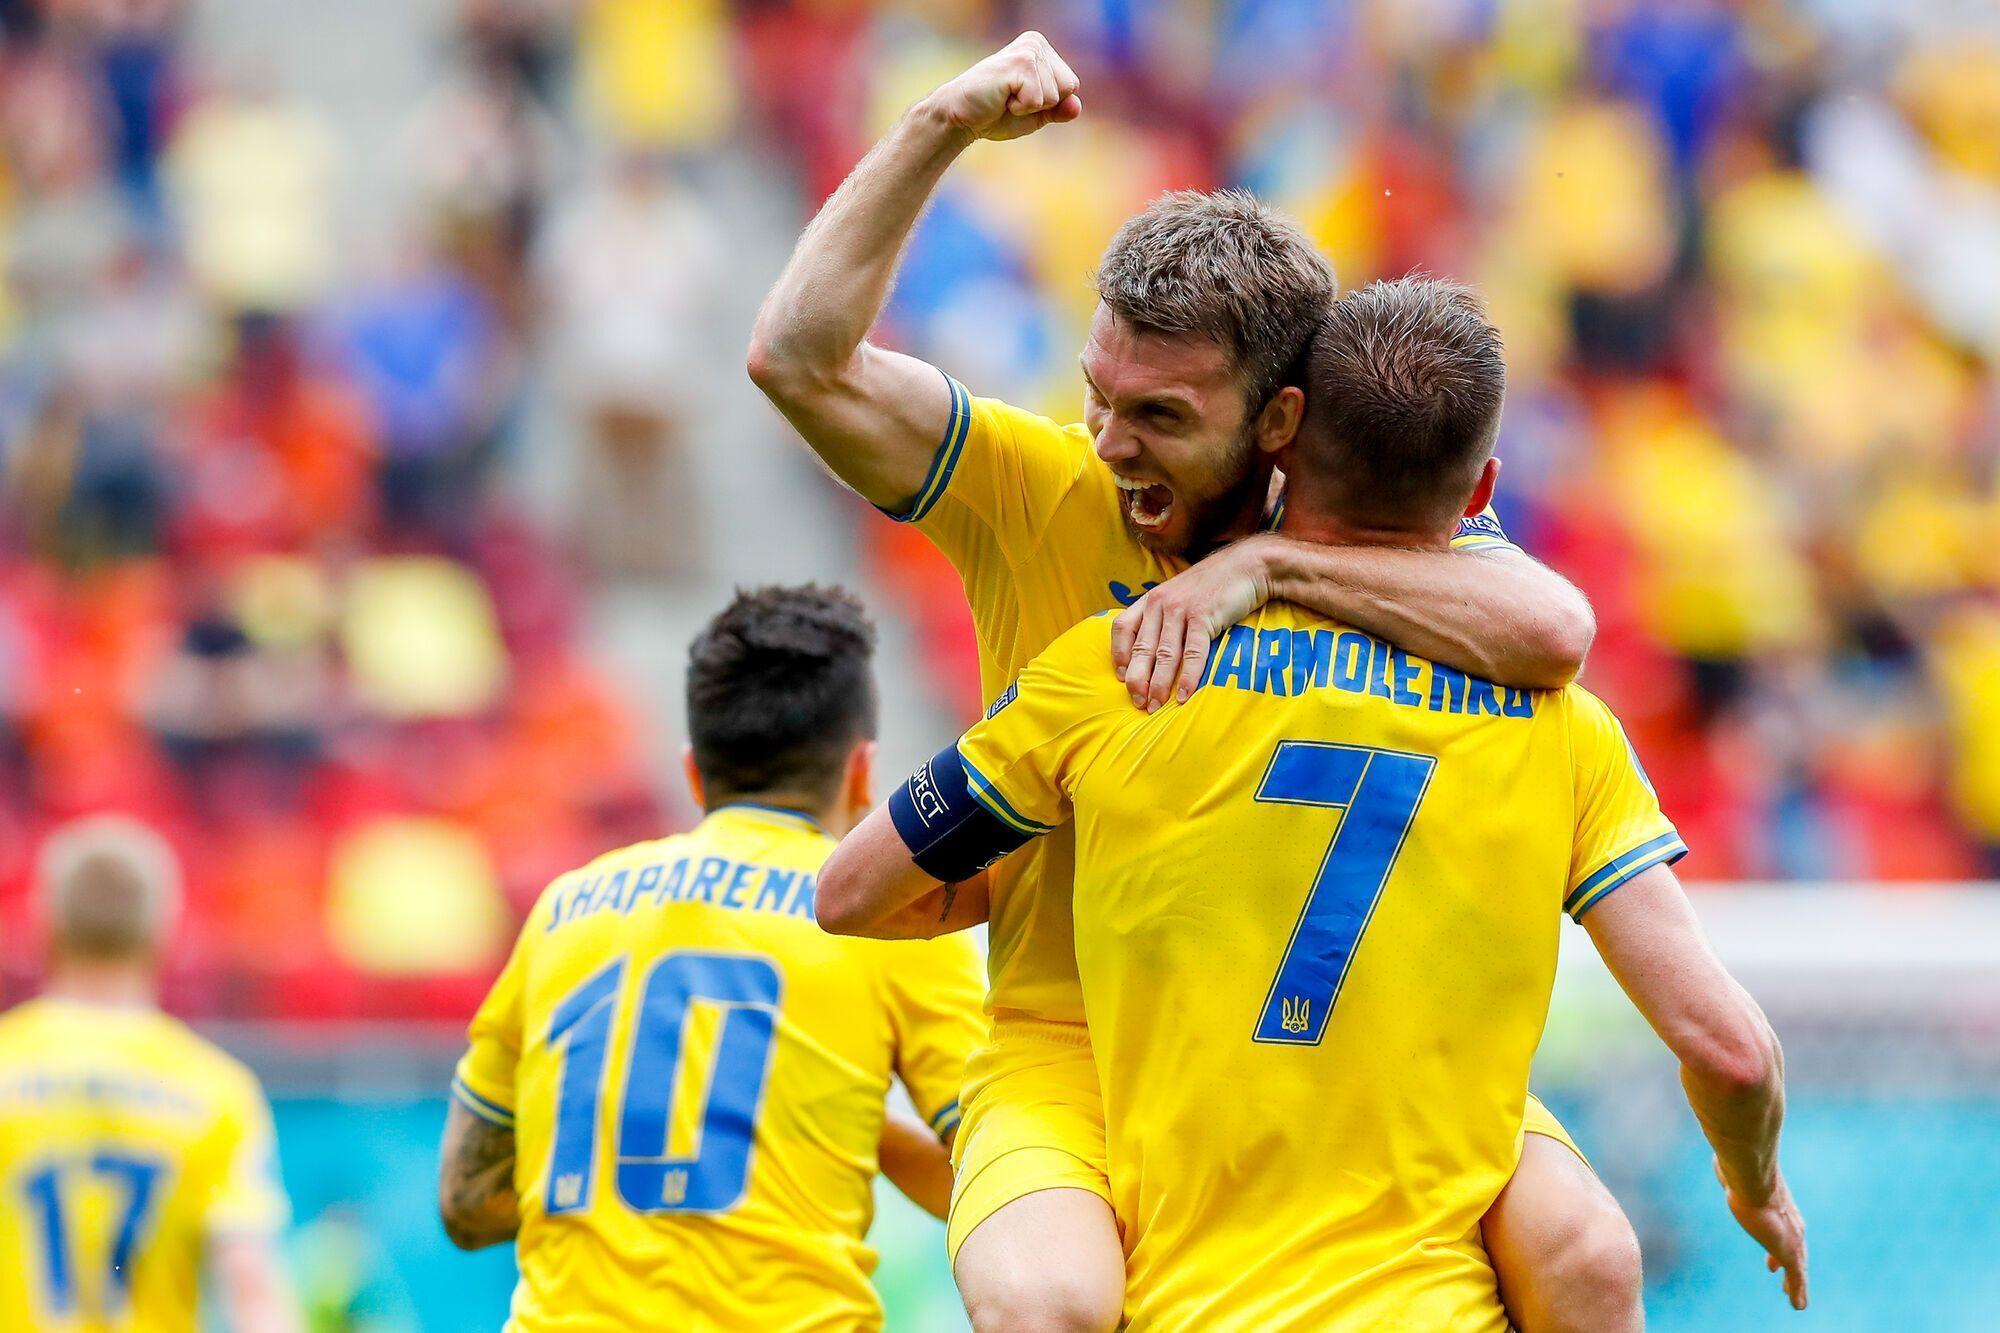 Українці зіграють з австрійцями за плей-офф